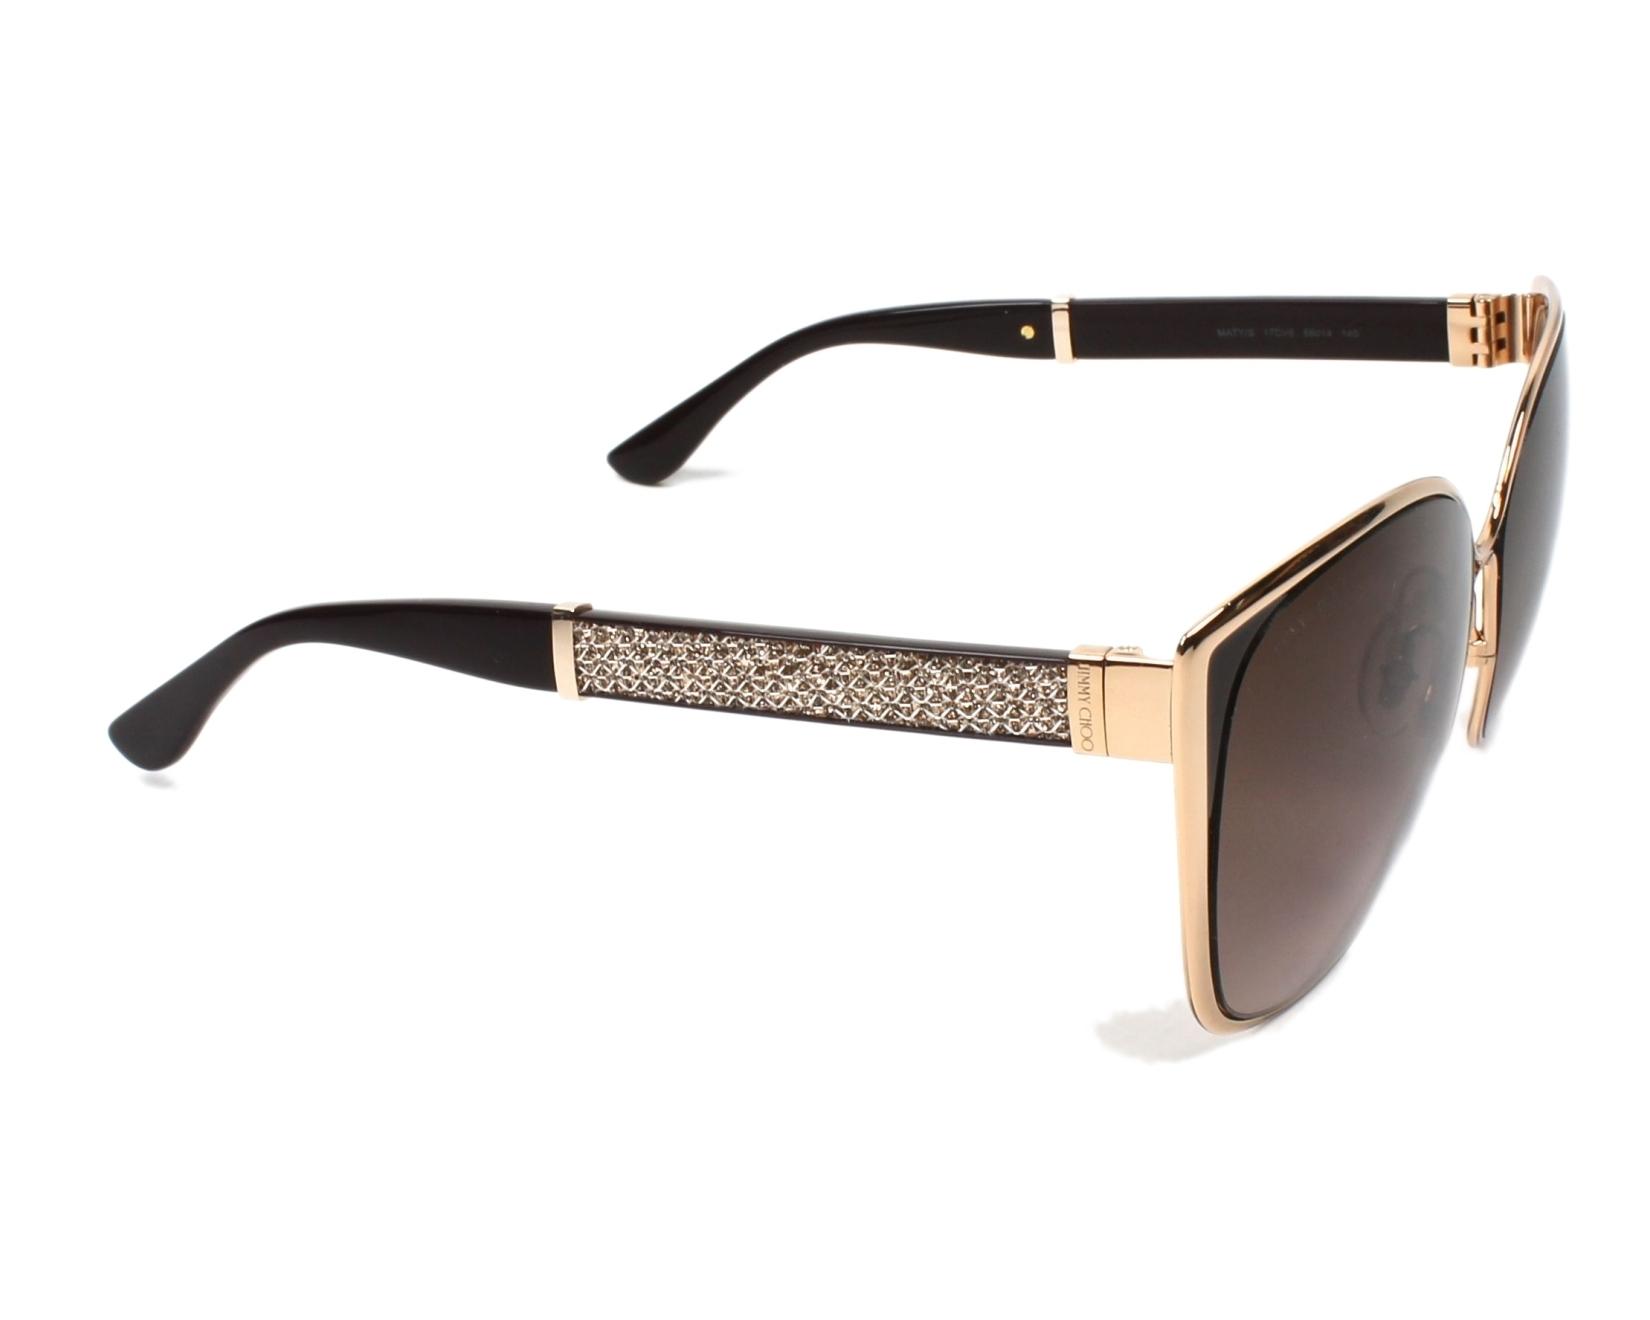 lunettes de soleil de jimmy choo en maty v6